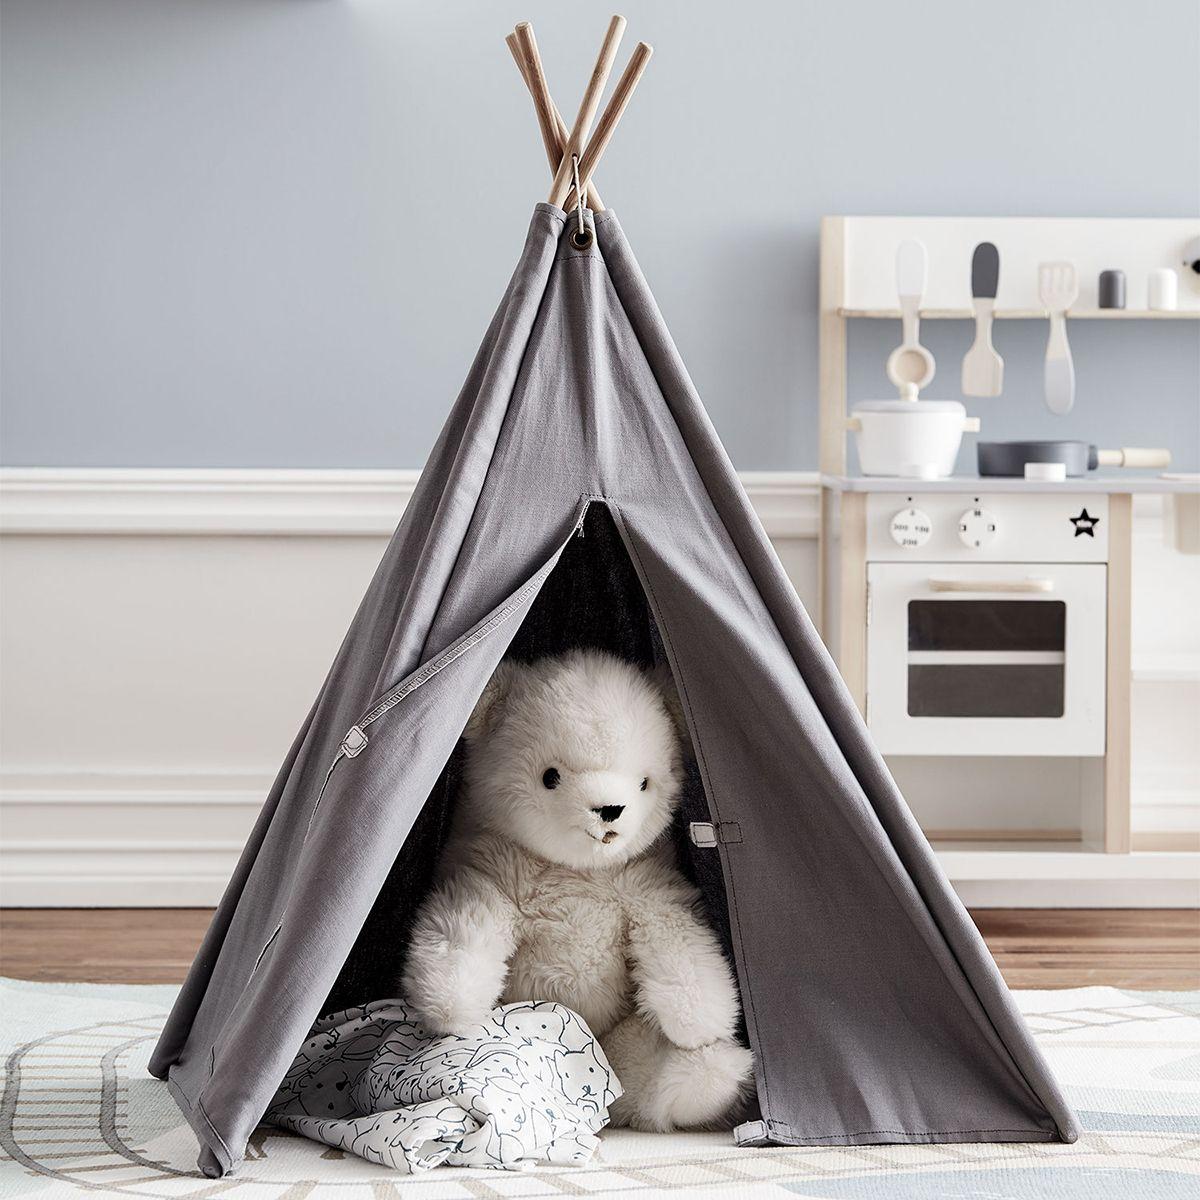 Déco bébé : les 10 incontournables pour sa chambre - Joli Place